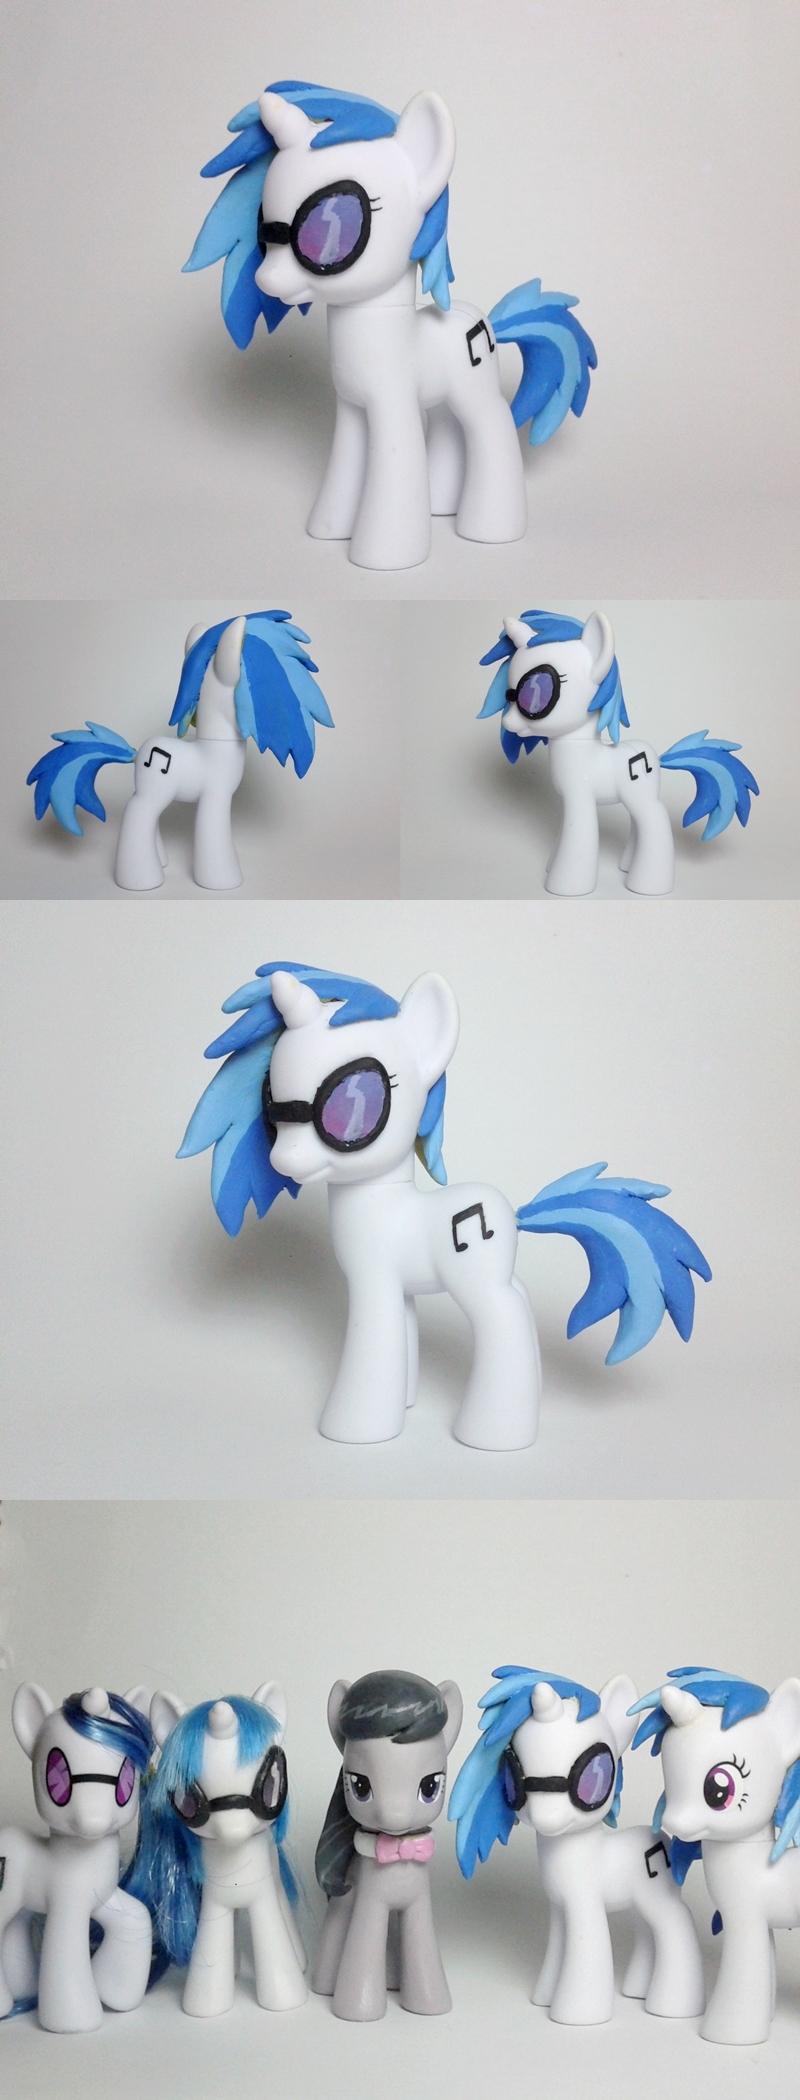 Vinyl Scratch DJ PON-3 G4 Custom Pony by Oak23